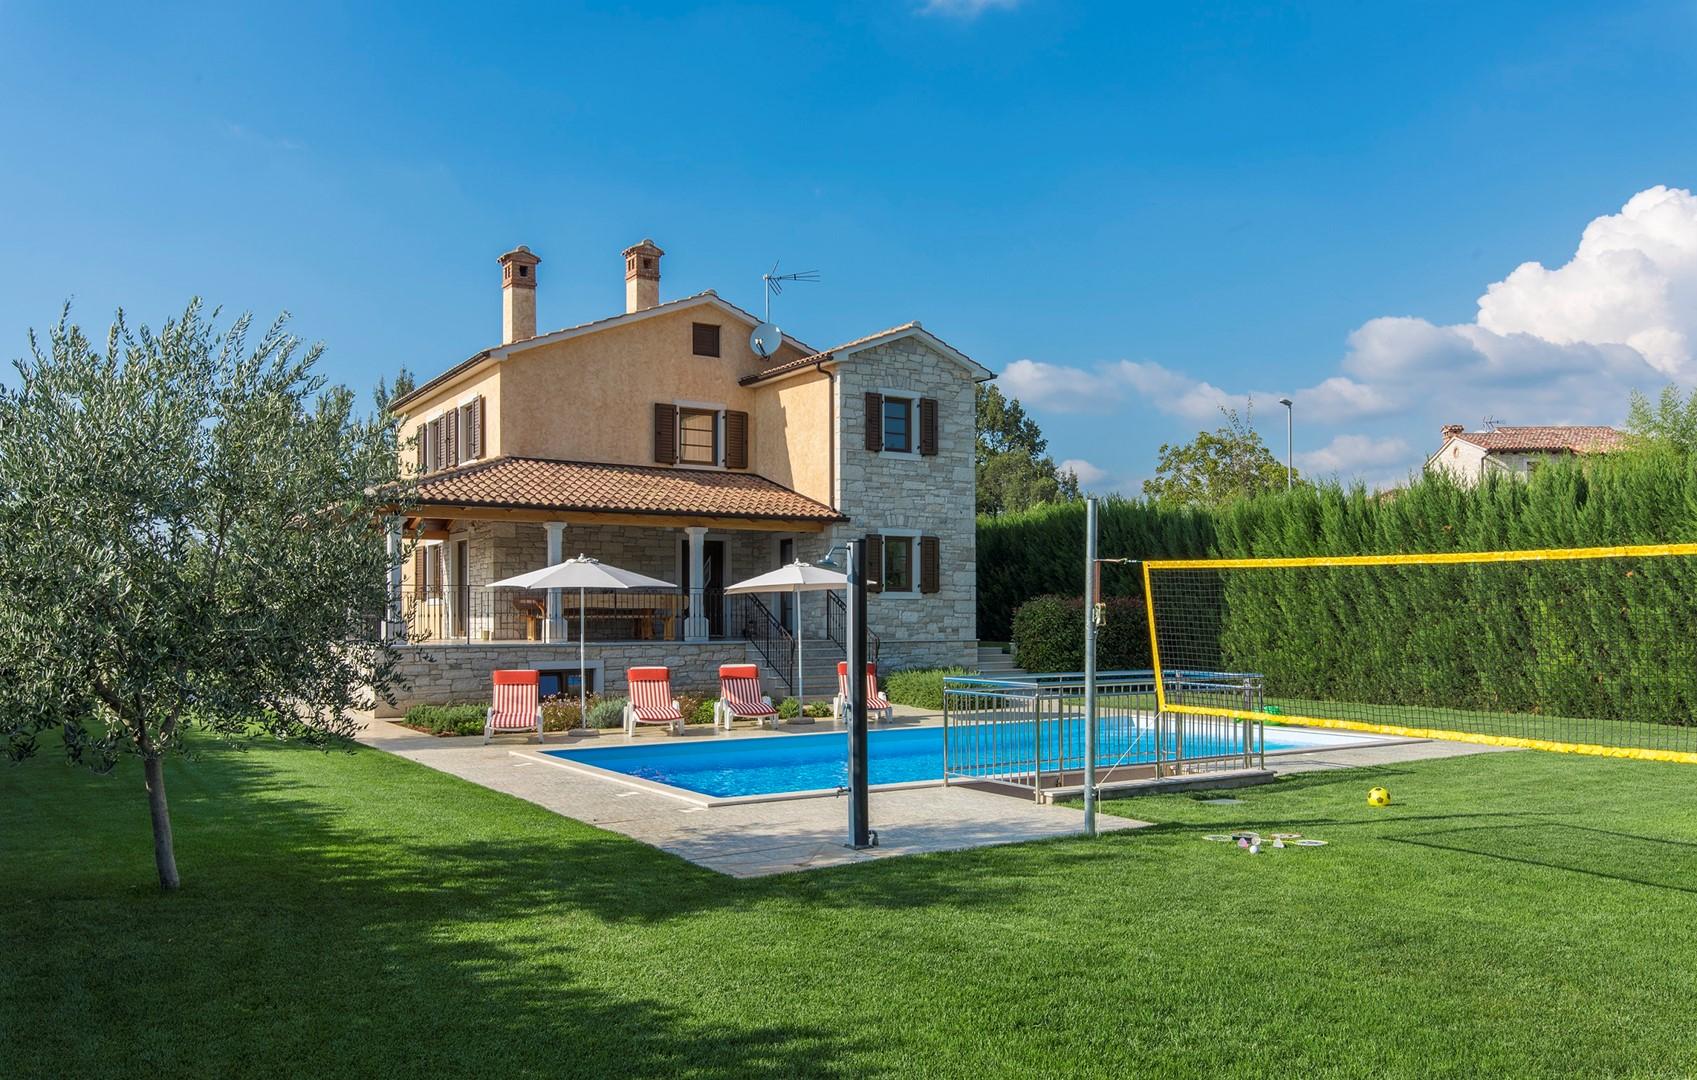 Ferienhaus Geräumige Villa Nikka mit schönem Garten und Pool (1412592), Kanfanar, , Istrien, Kroatien, Bild 1